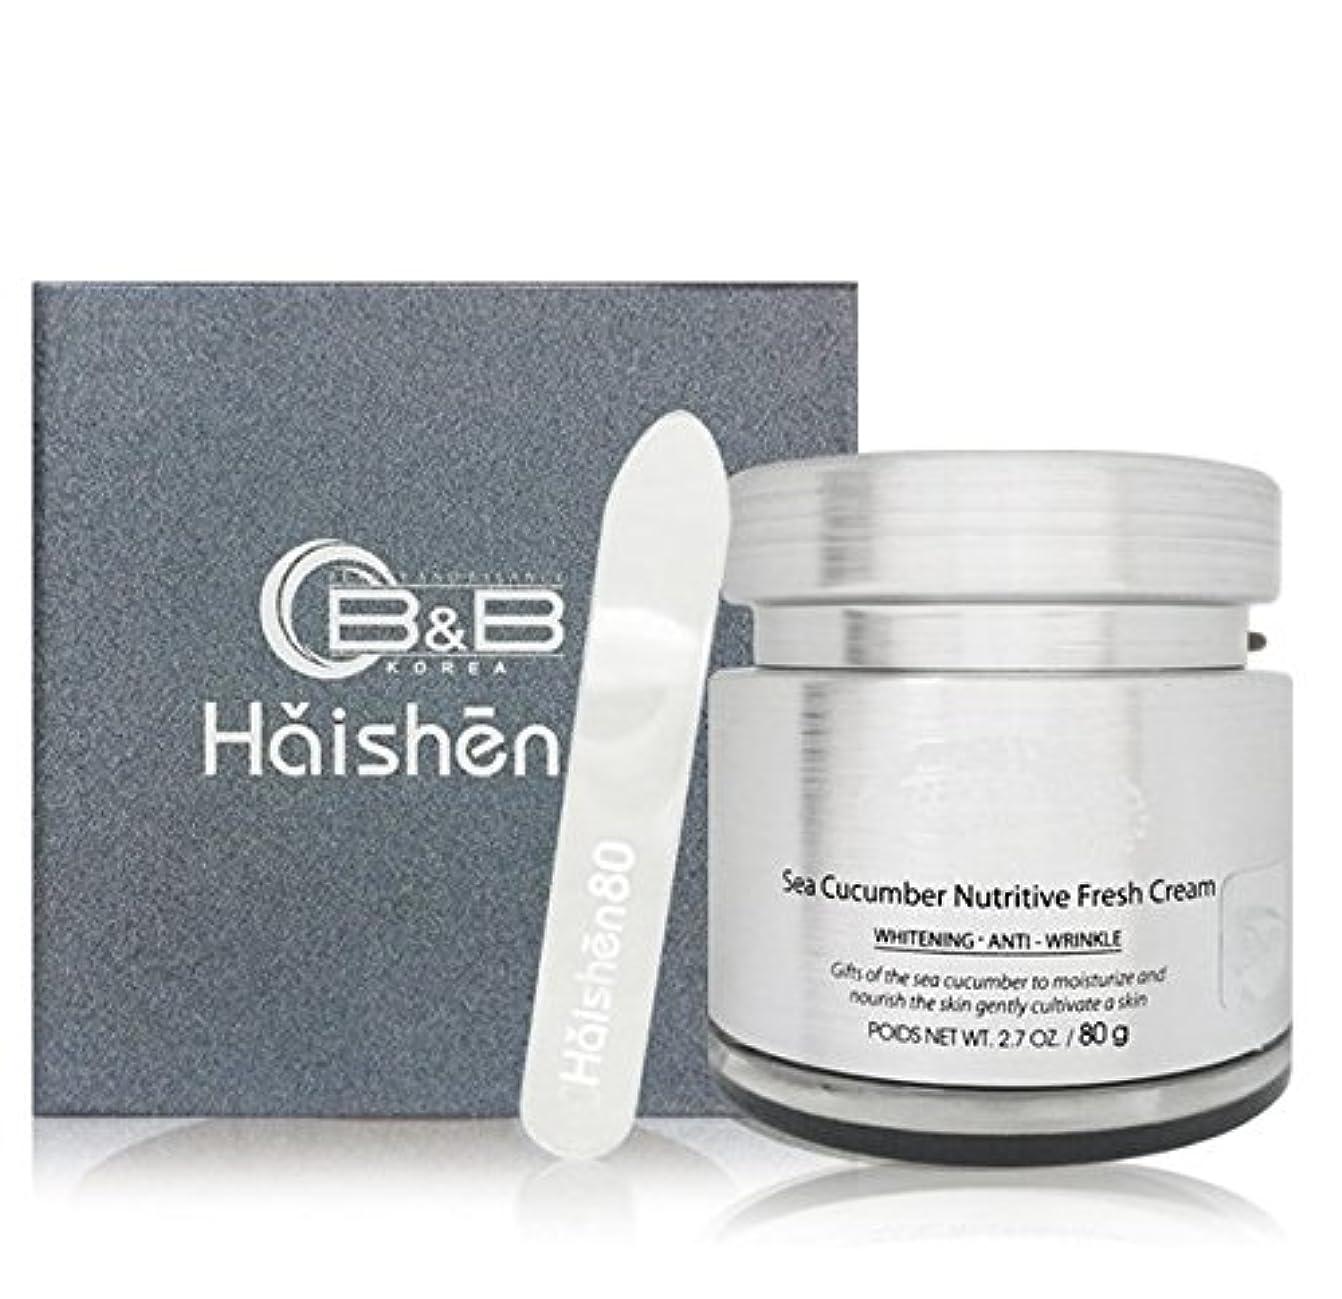 開示するビジュアルボット[訳有り?OUTLET]Haishen80 Sea cucumber Nutritious Fresh Cream 80g ハイサン 80 シーキューカンバーニュトゥリチブフレッシュクリーム 80g